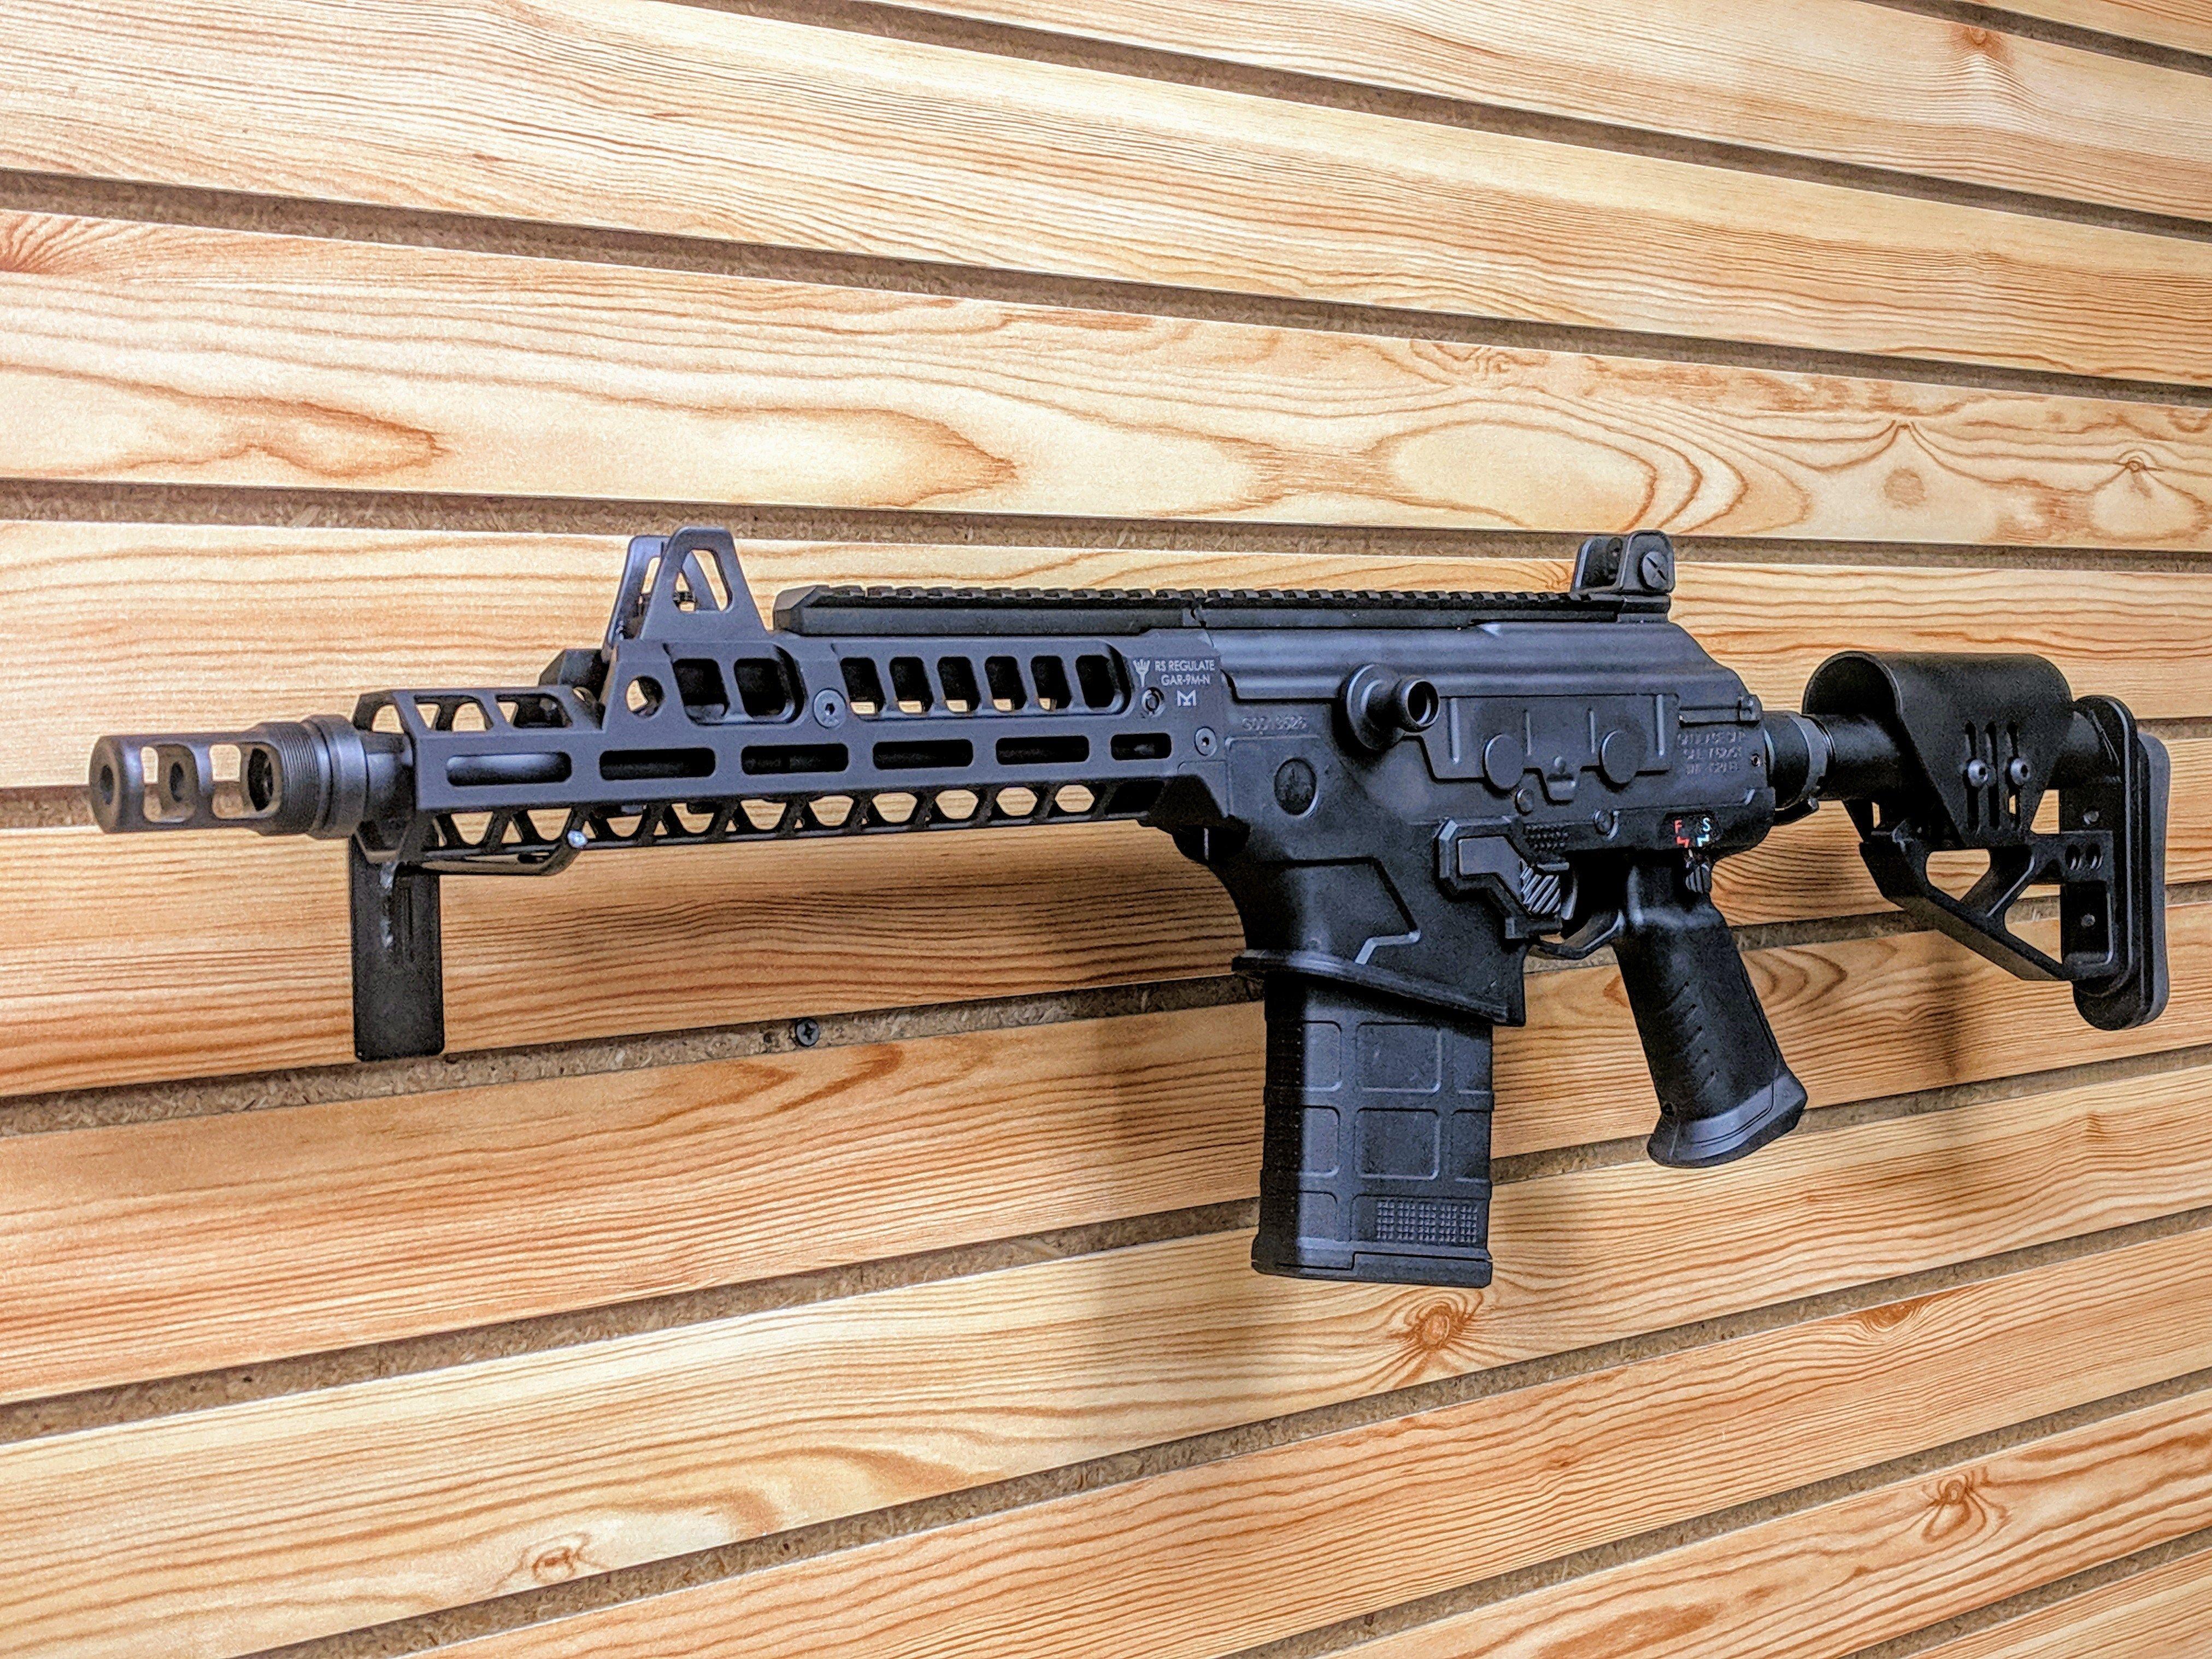 GAR-9M-N  308 GALIL ACE PISTOL MLOK RAIL - RS Regulate